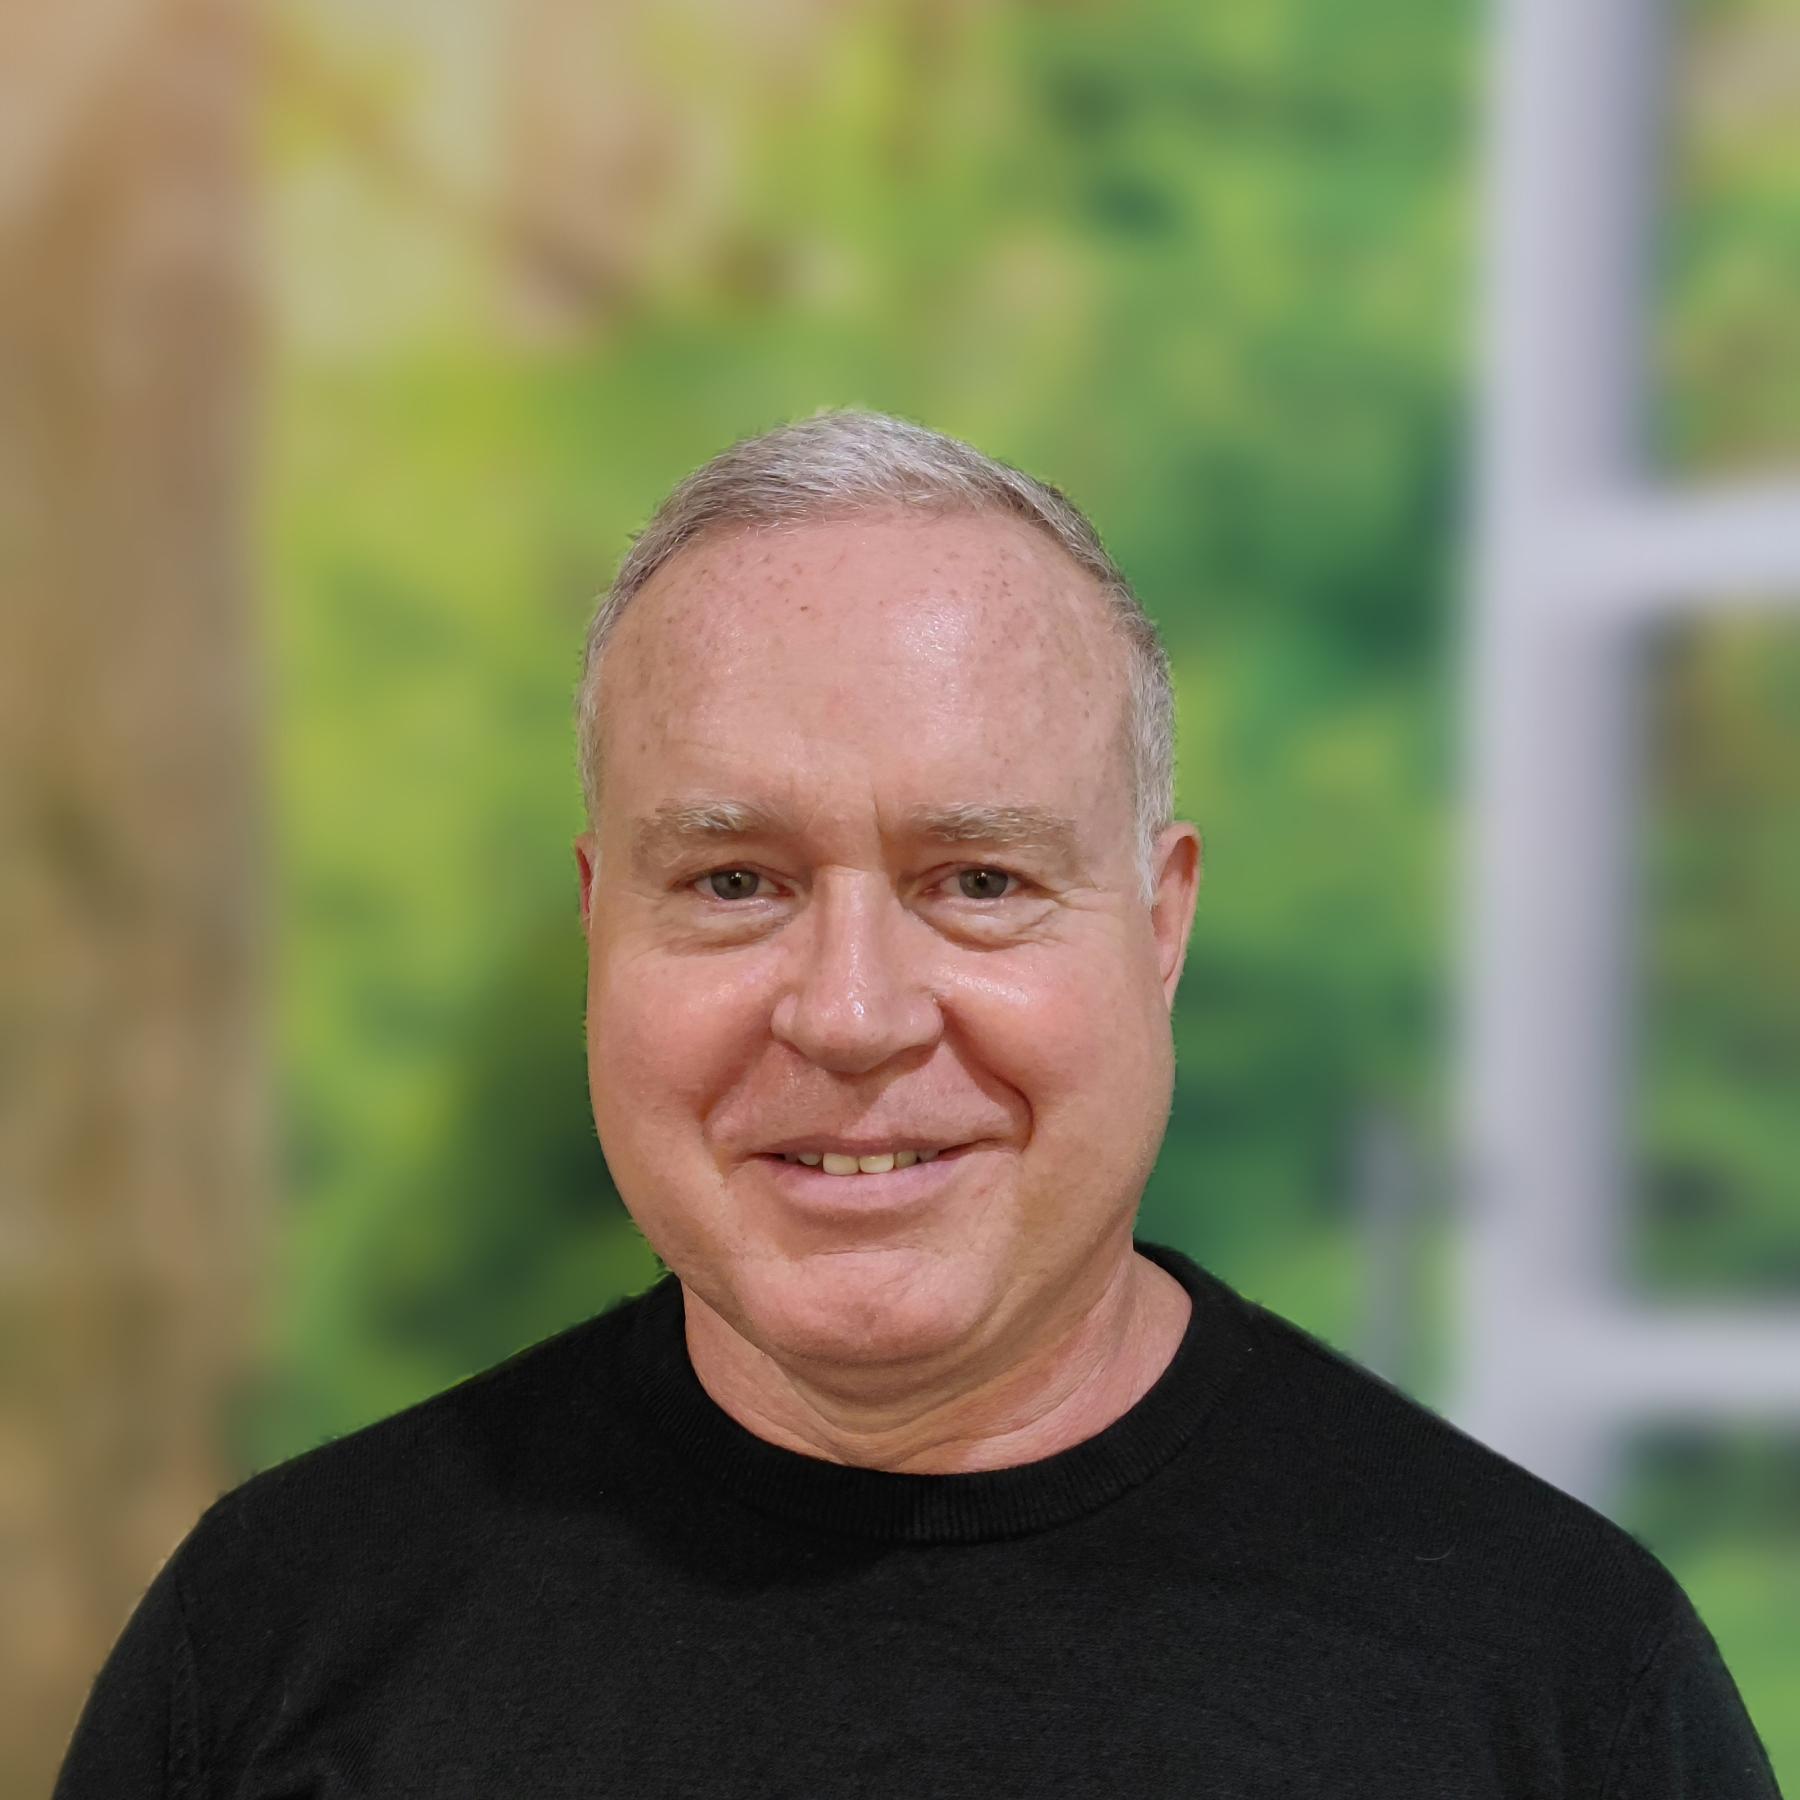 Craig Hurren